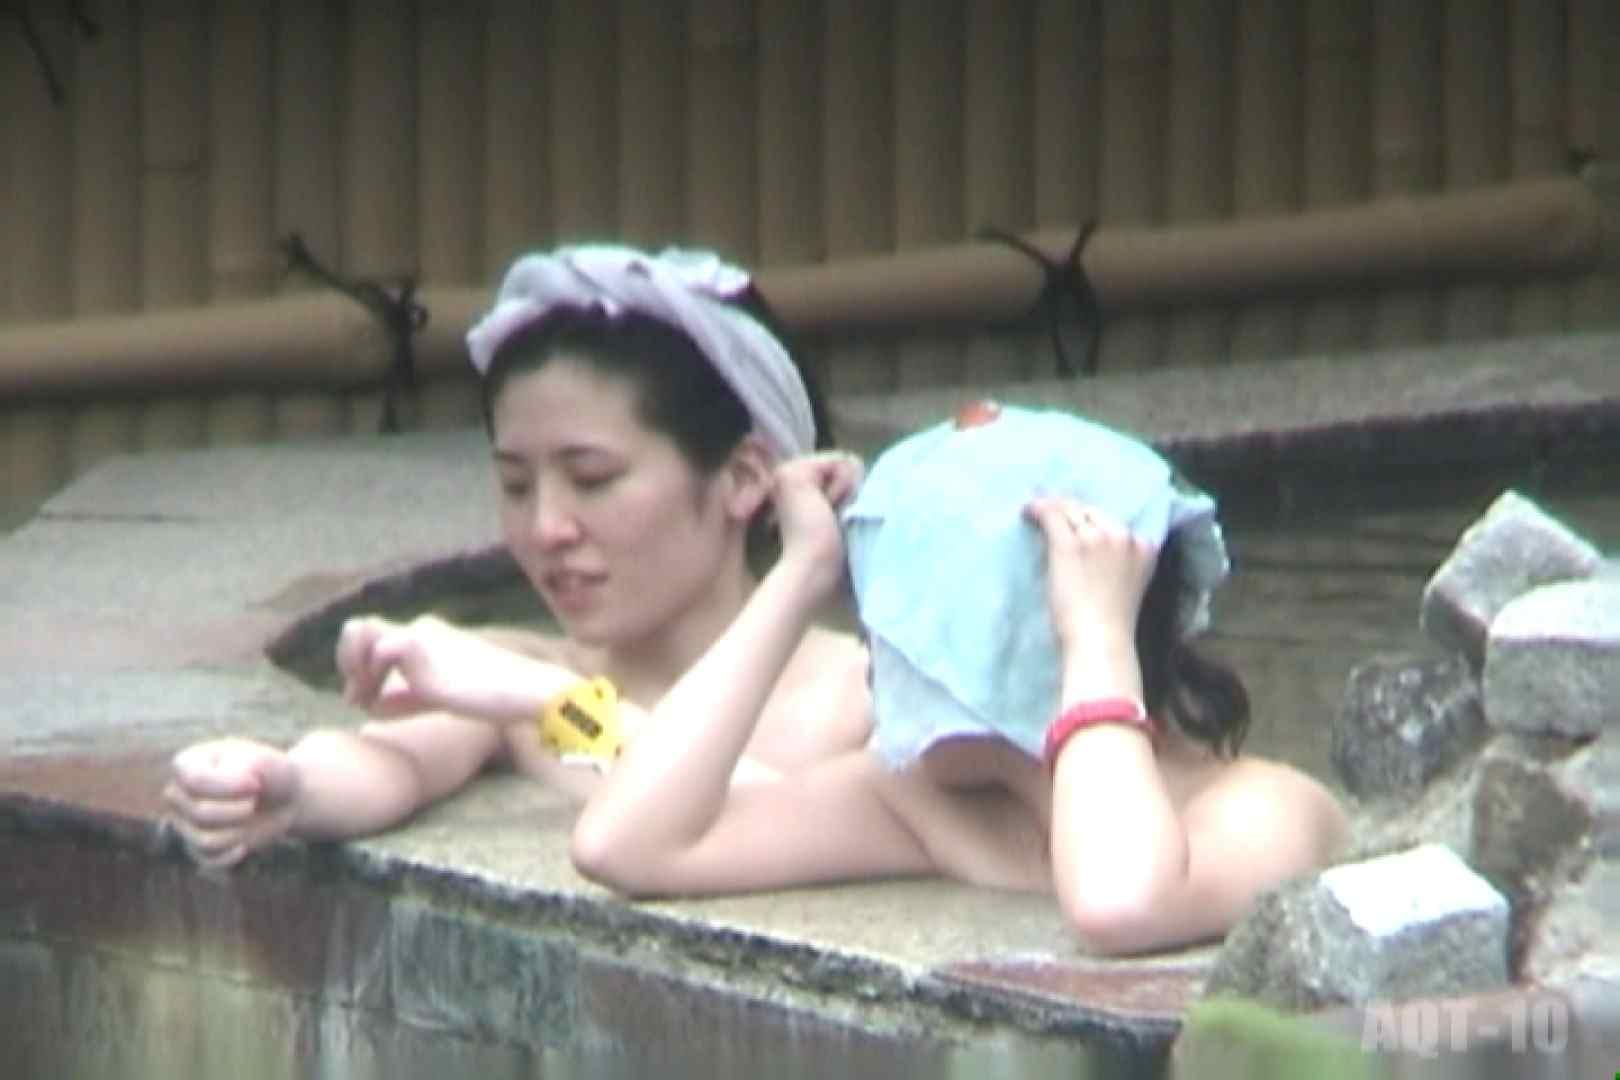 Aquaな露天風呂Vol.793 盗撮 オメコ無修正動画無料 94画像 44